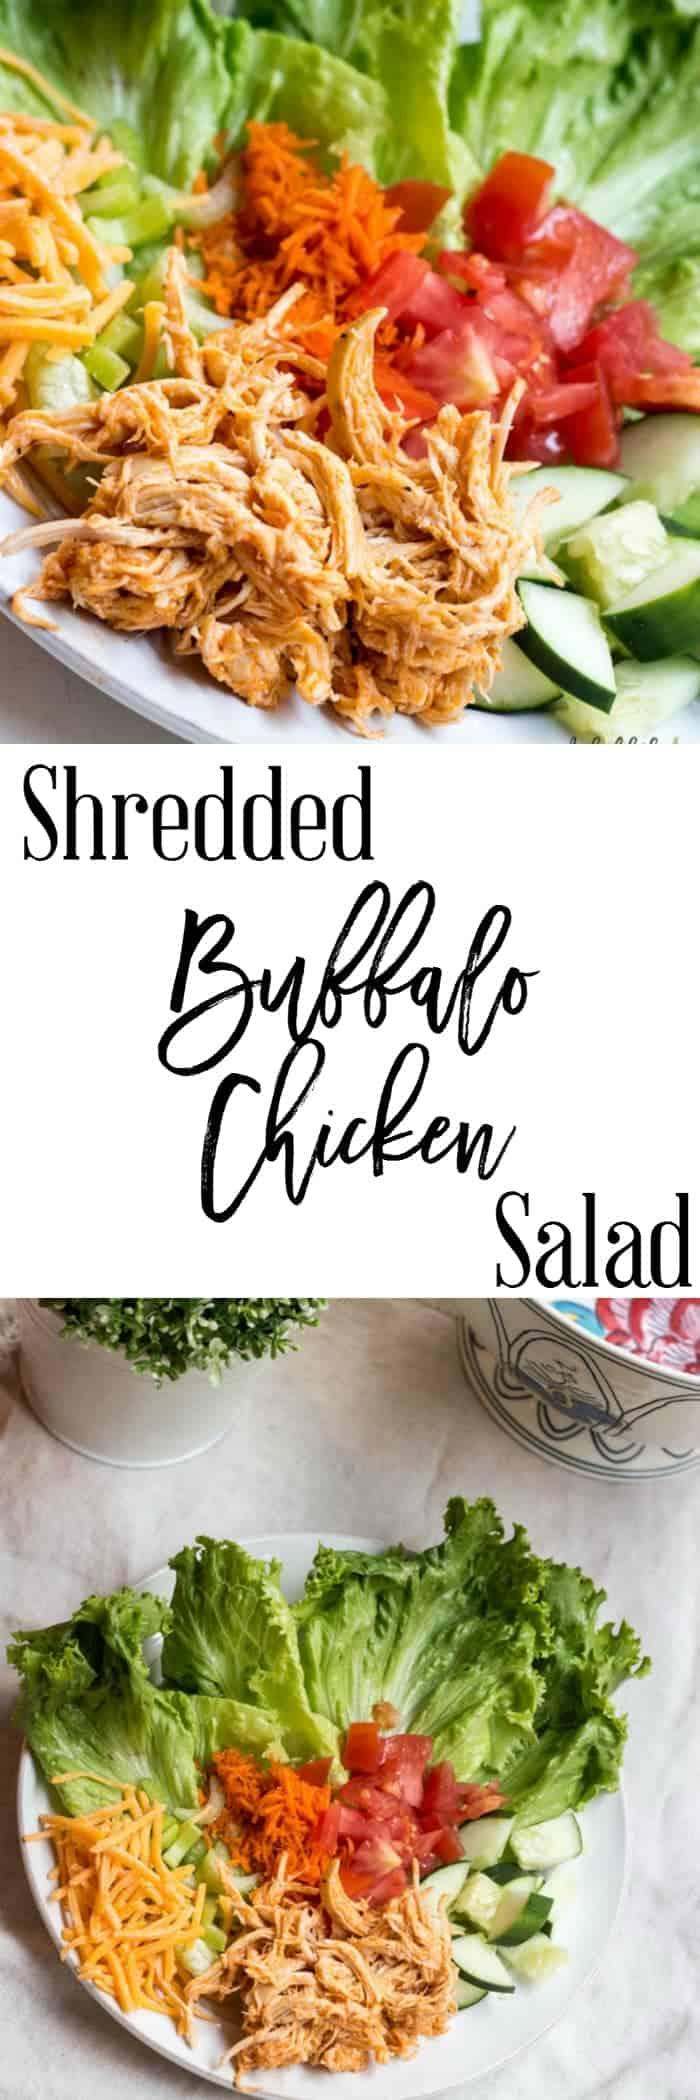 Shredded Buffalo Chicken Salad